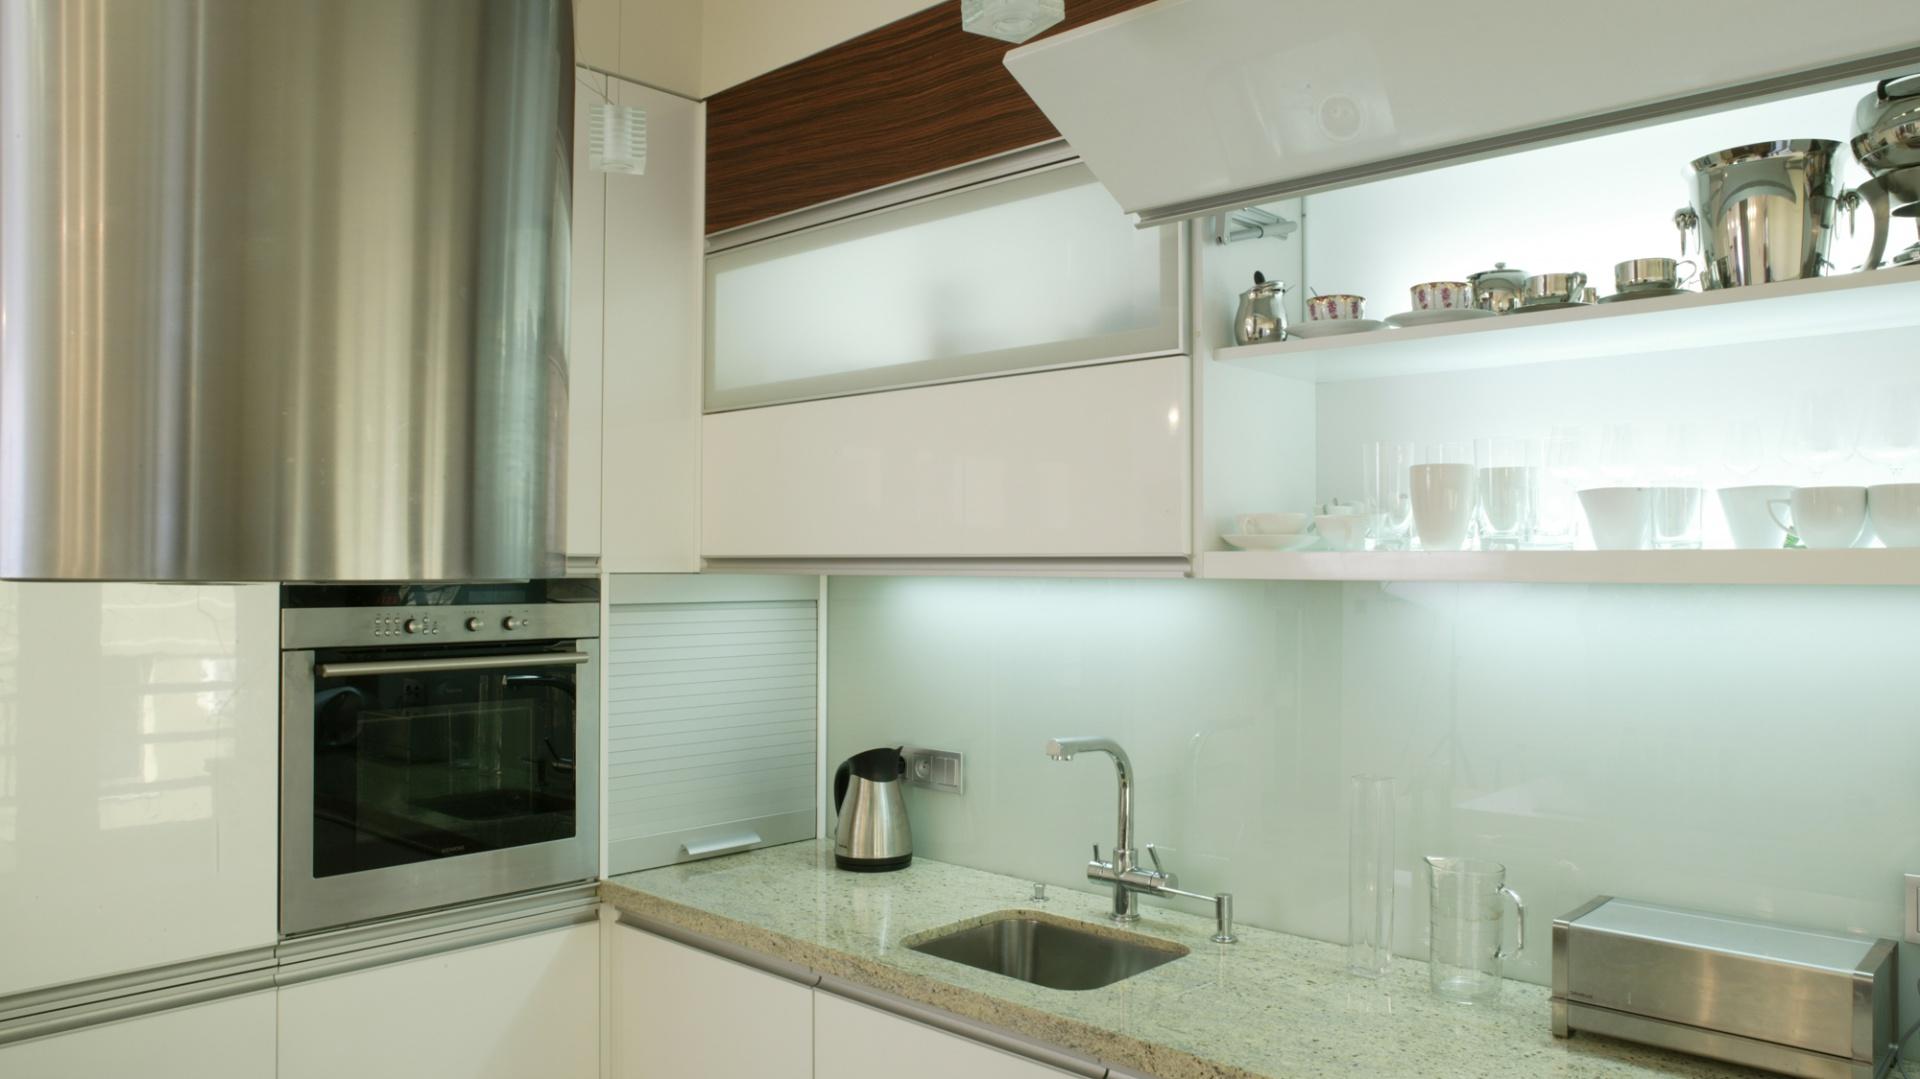 Białe fronty na wysoki połysk, szkło i granit, cieplejszym akcentem jest jedynie fornir z palisandru. Półki w górnych szafkach są podświetlone. Fot. Monika Filipuk.